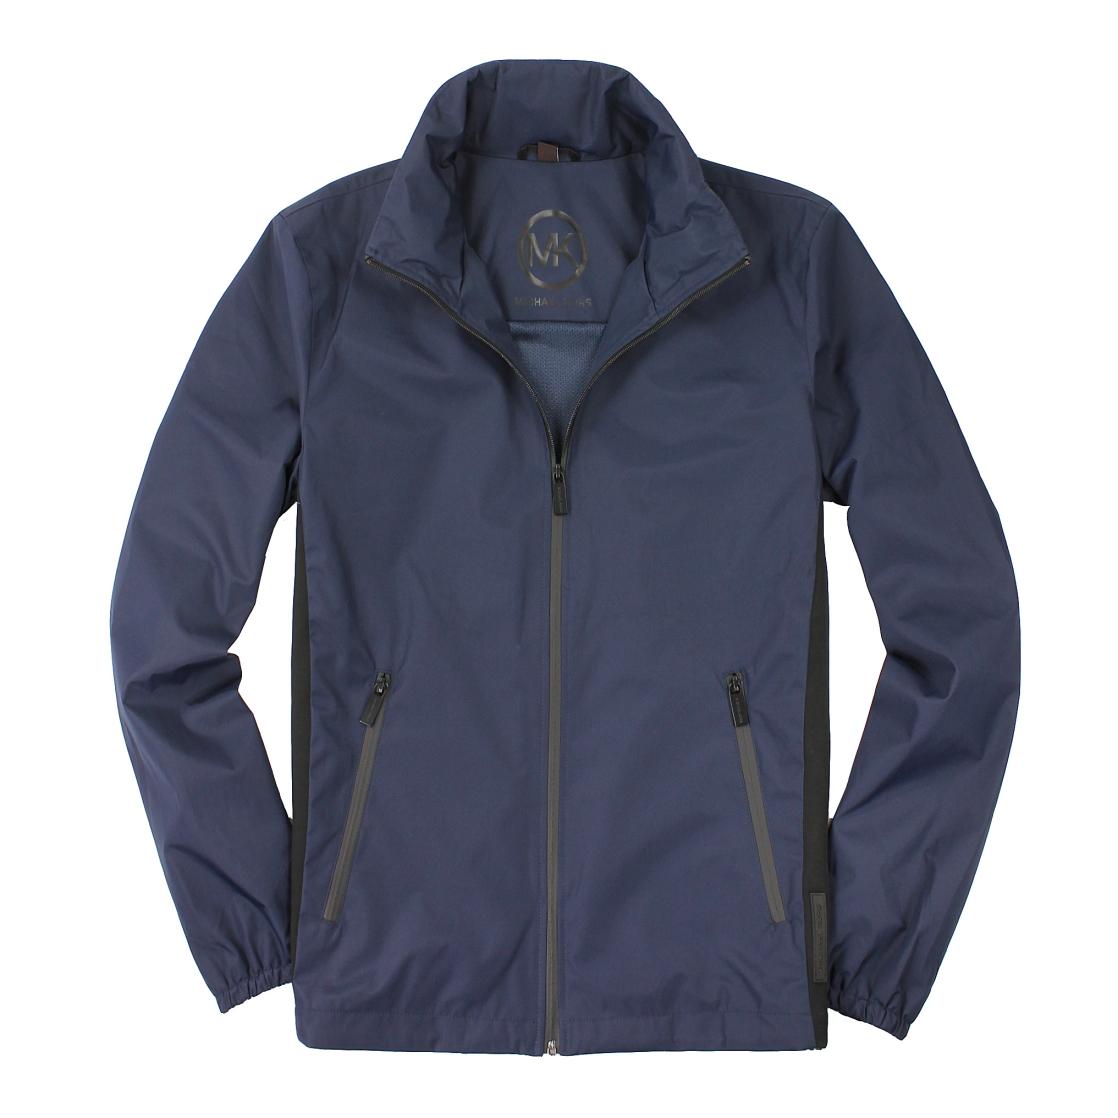 美國百分百【全新真品】Michael Kors 外套 MK 夾克 連帽外套 風衣 深藍 防水 Logo 男 S M號 A877